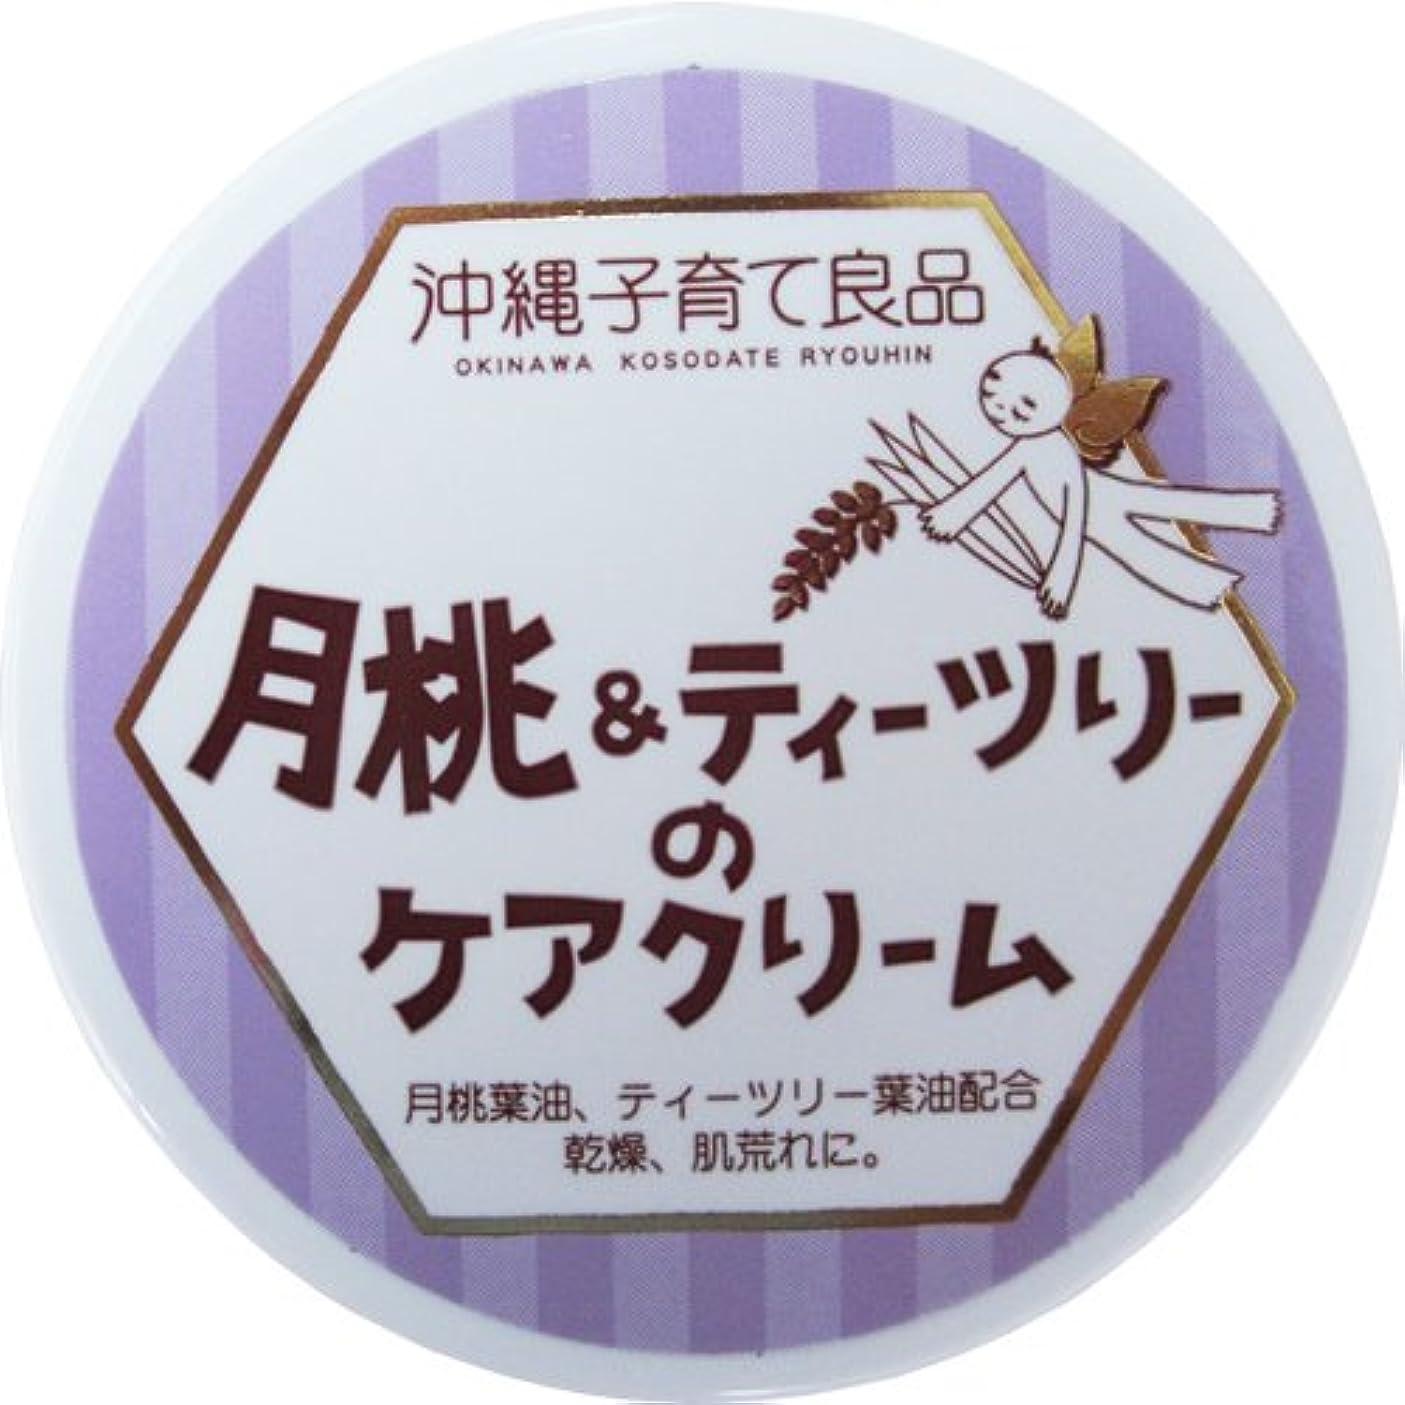 形式見分ける騒沖縄子育て良品 月桃&ティツリーのケアクリーム (25g)